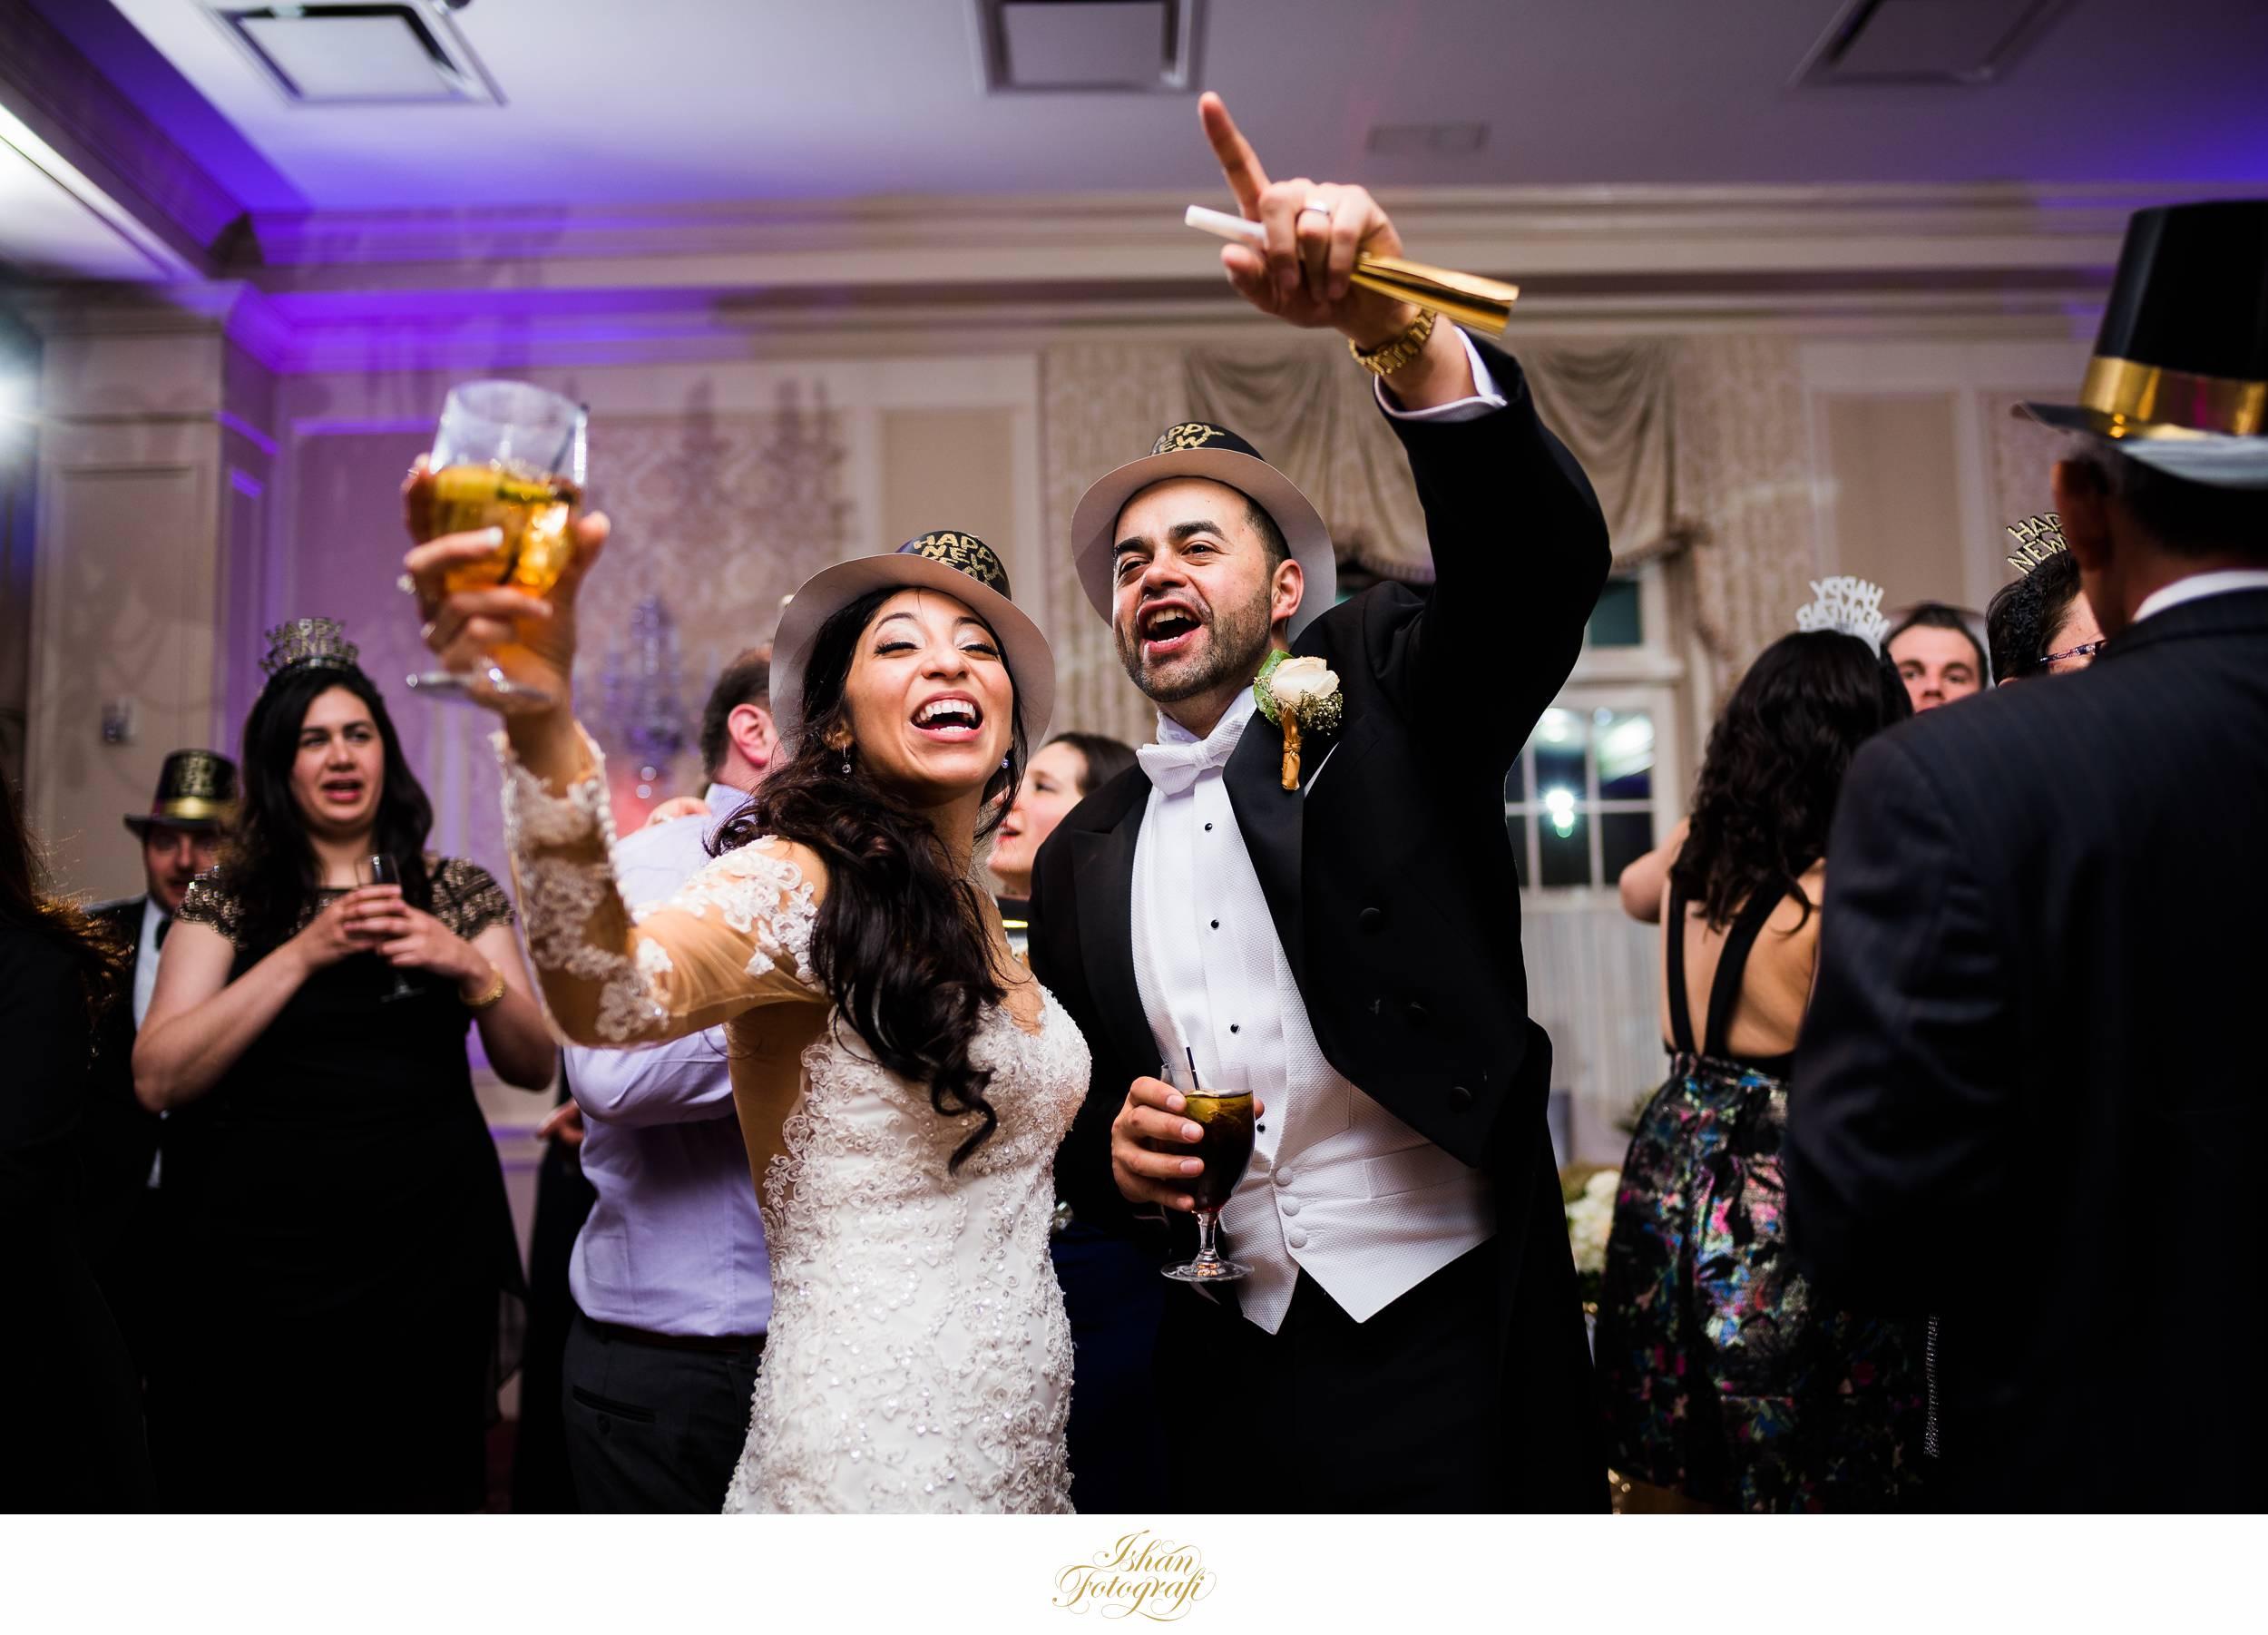 bride-groom-wedding-reception-meadow-wood-manor